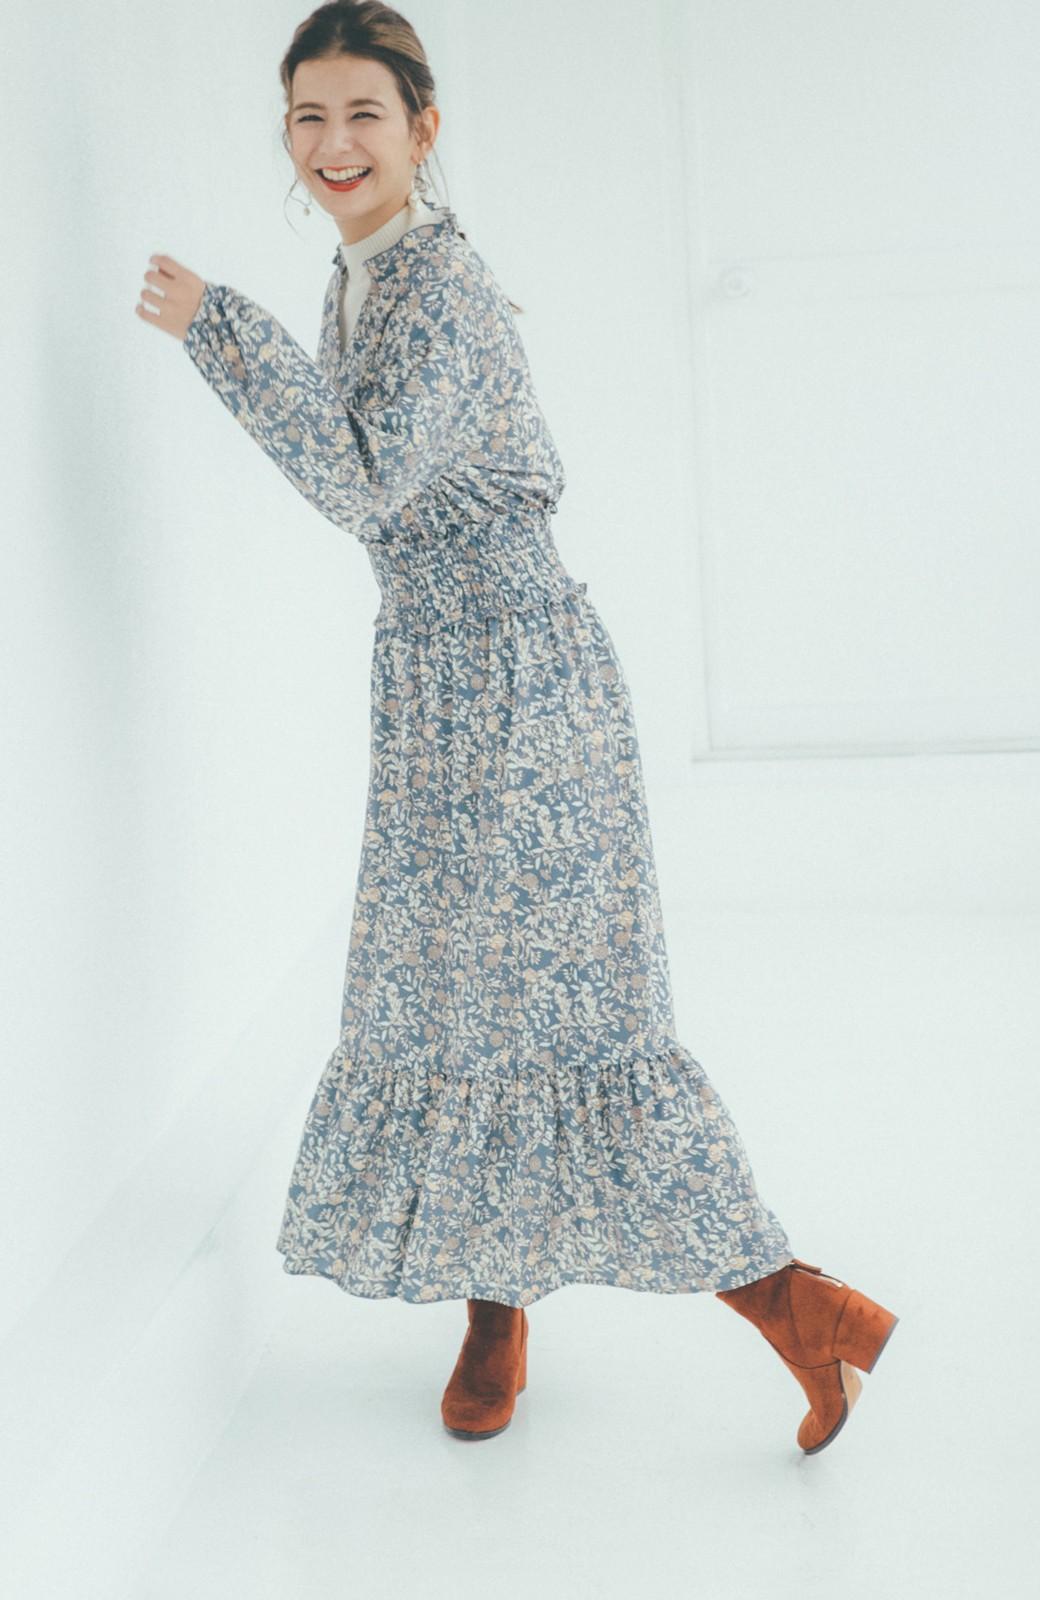 haco! 【スザンヌさんコラボ】大人の華やかさを詰め込んだ ウエストシャーリングのスタイルアップワンピース by LOVE&PEACE PROJECT <ブルー>の商品写真12